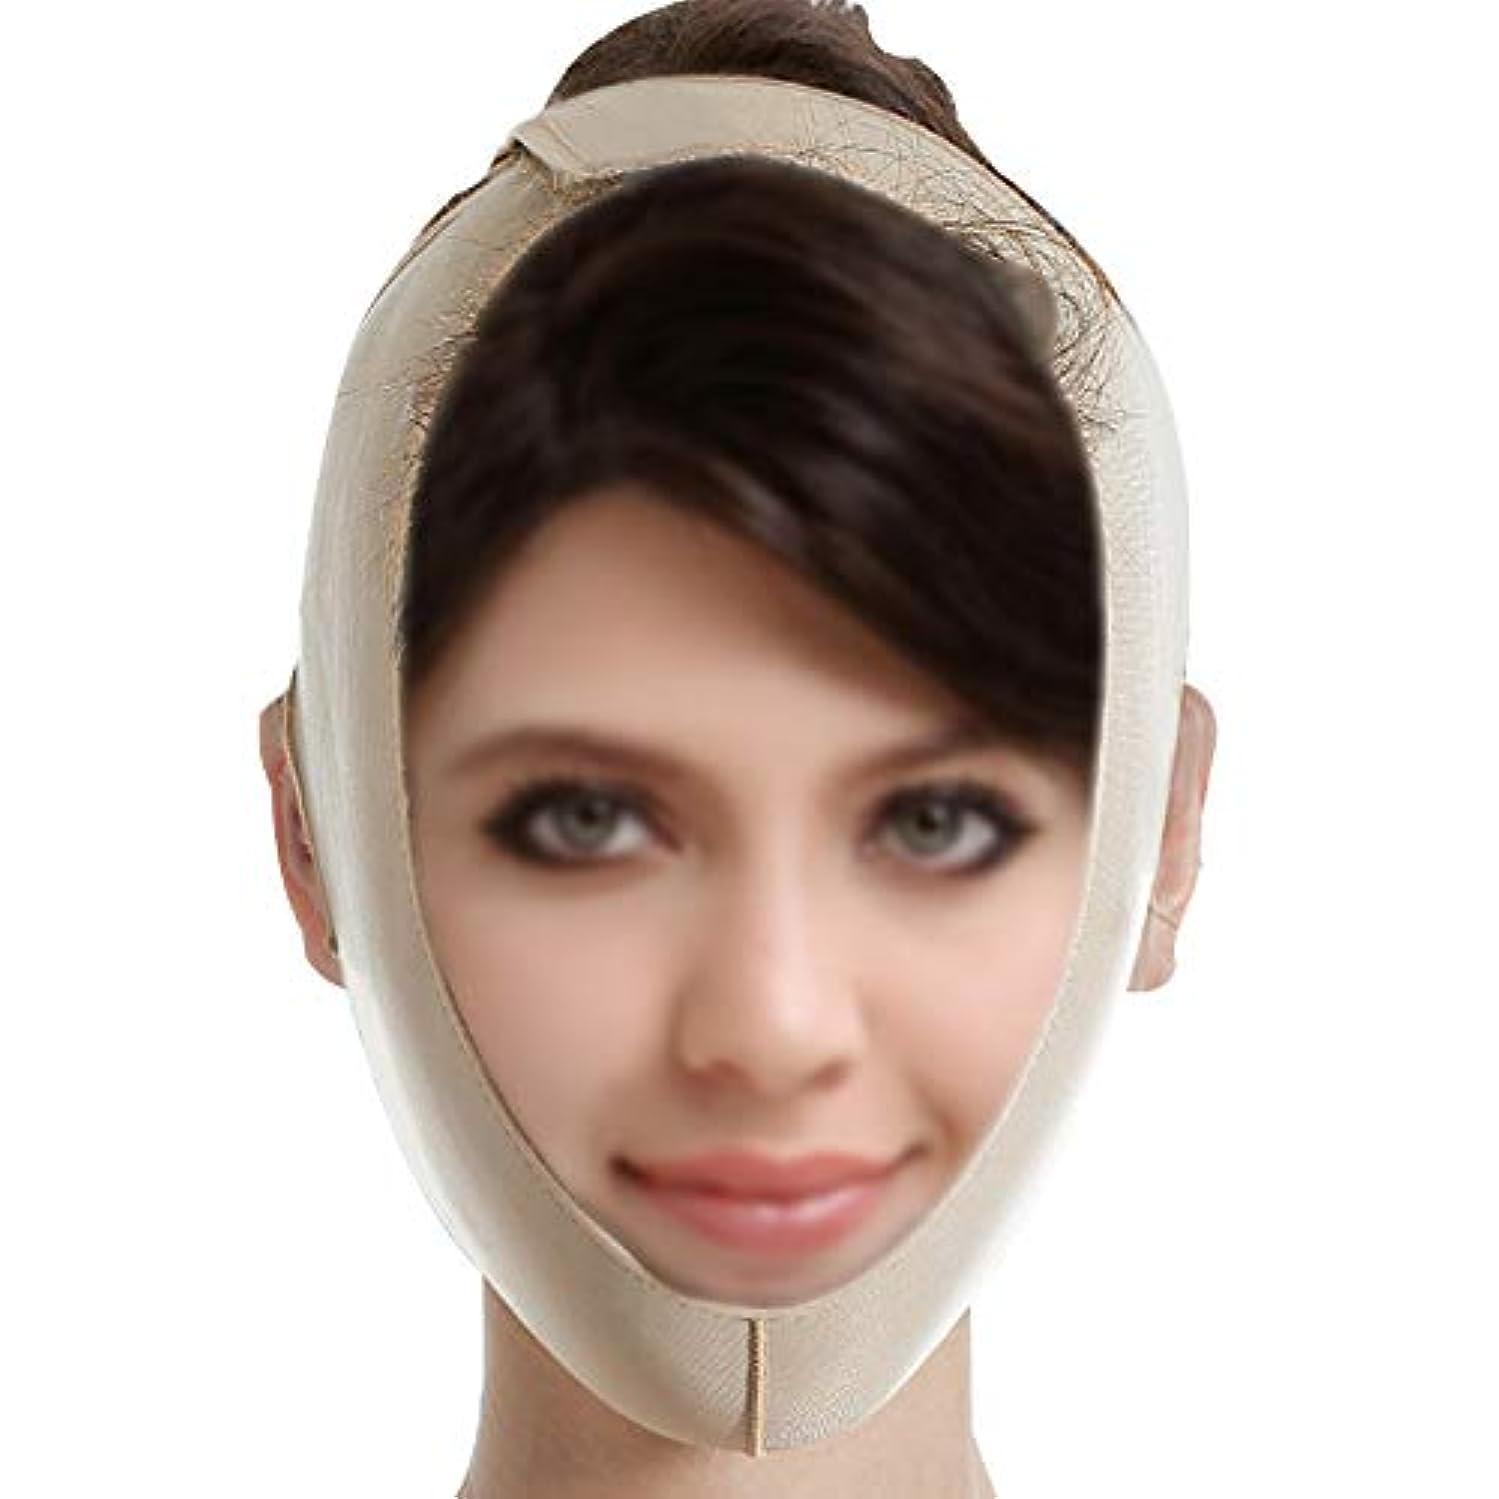 エンジニアリングスパーク置き場GLJJQMY 顔の形と首の持ち上がる痩身マスクの形Vの顔の包帯の美しさのしっかりした二重あご跡 顔用整形マスク (Size : S)